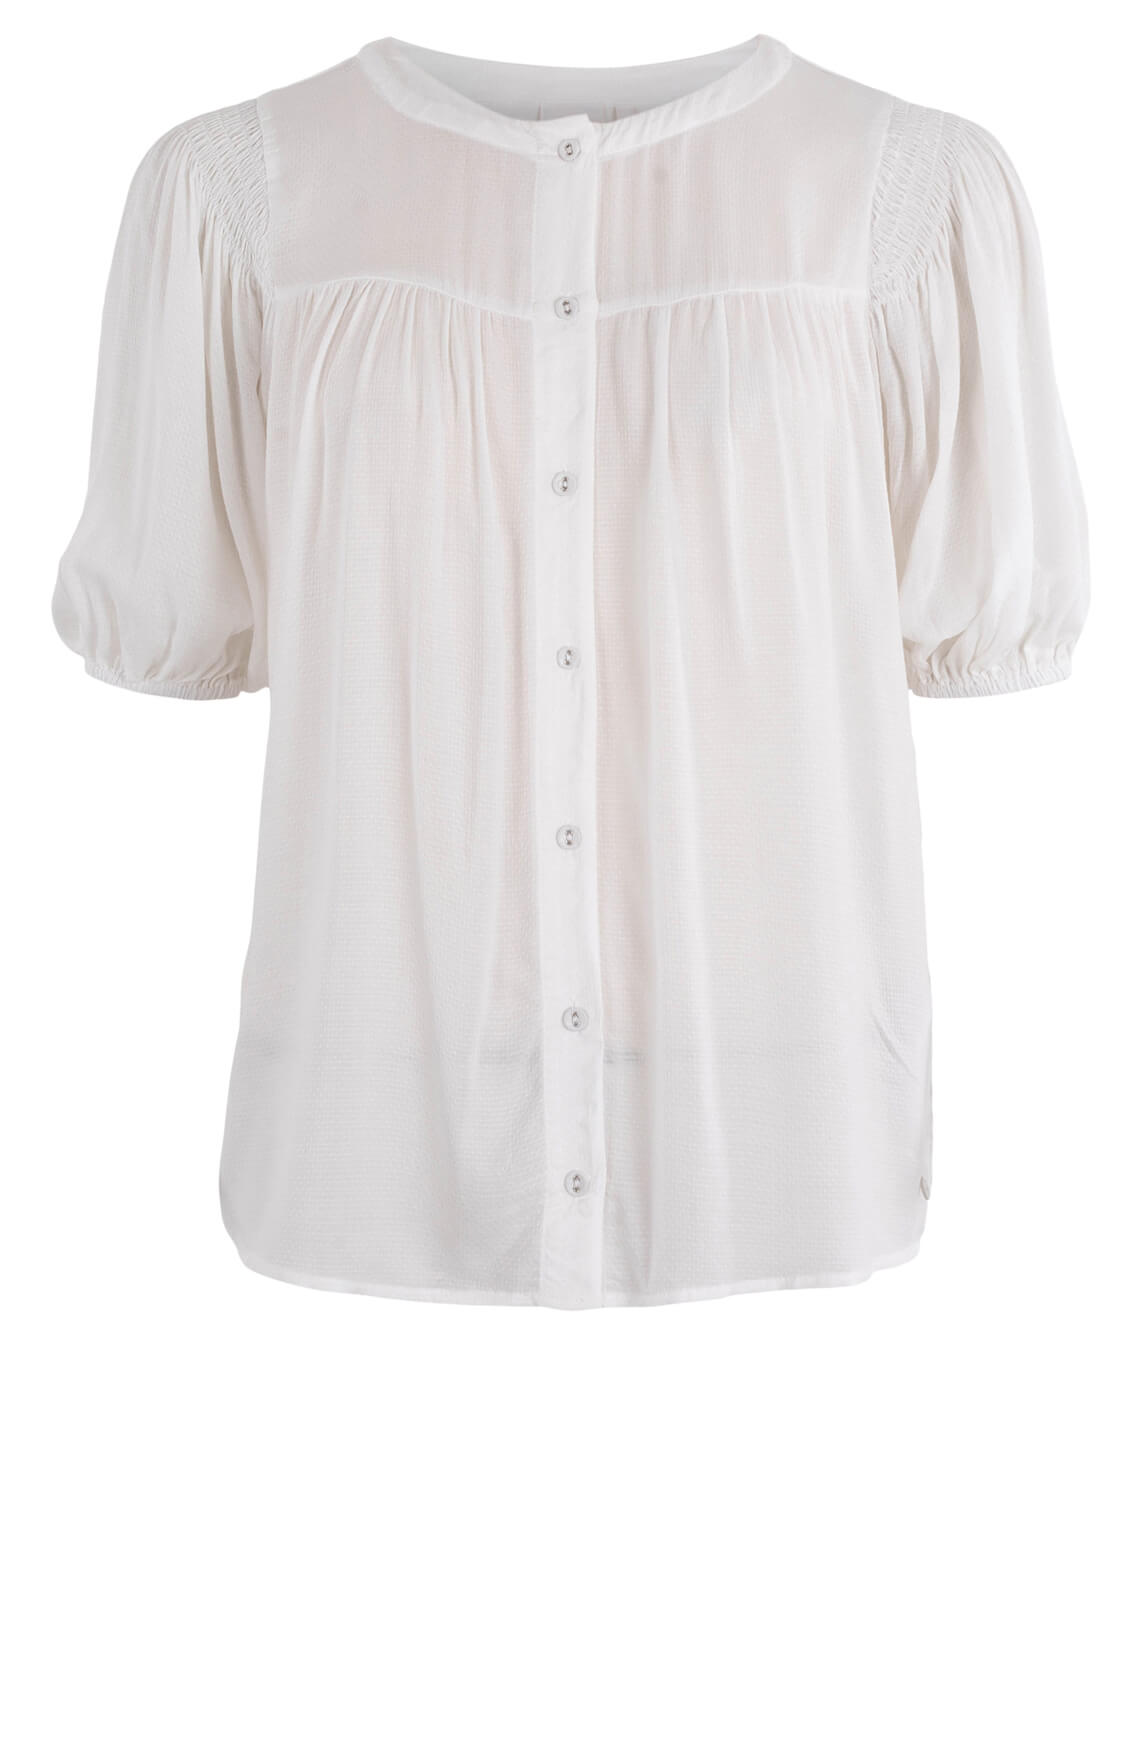 Nümph Dames Nusindy blouse Wit